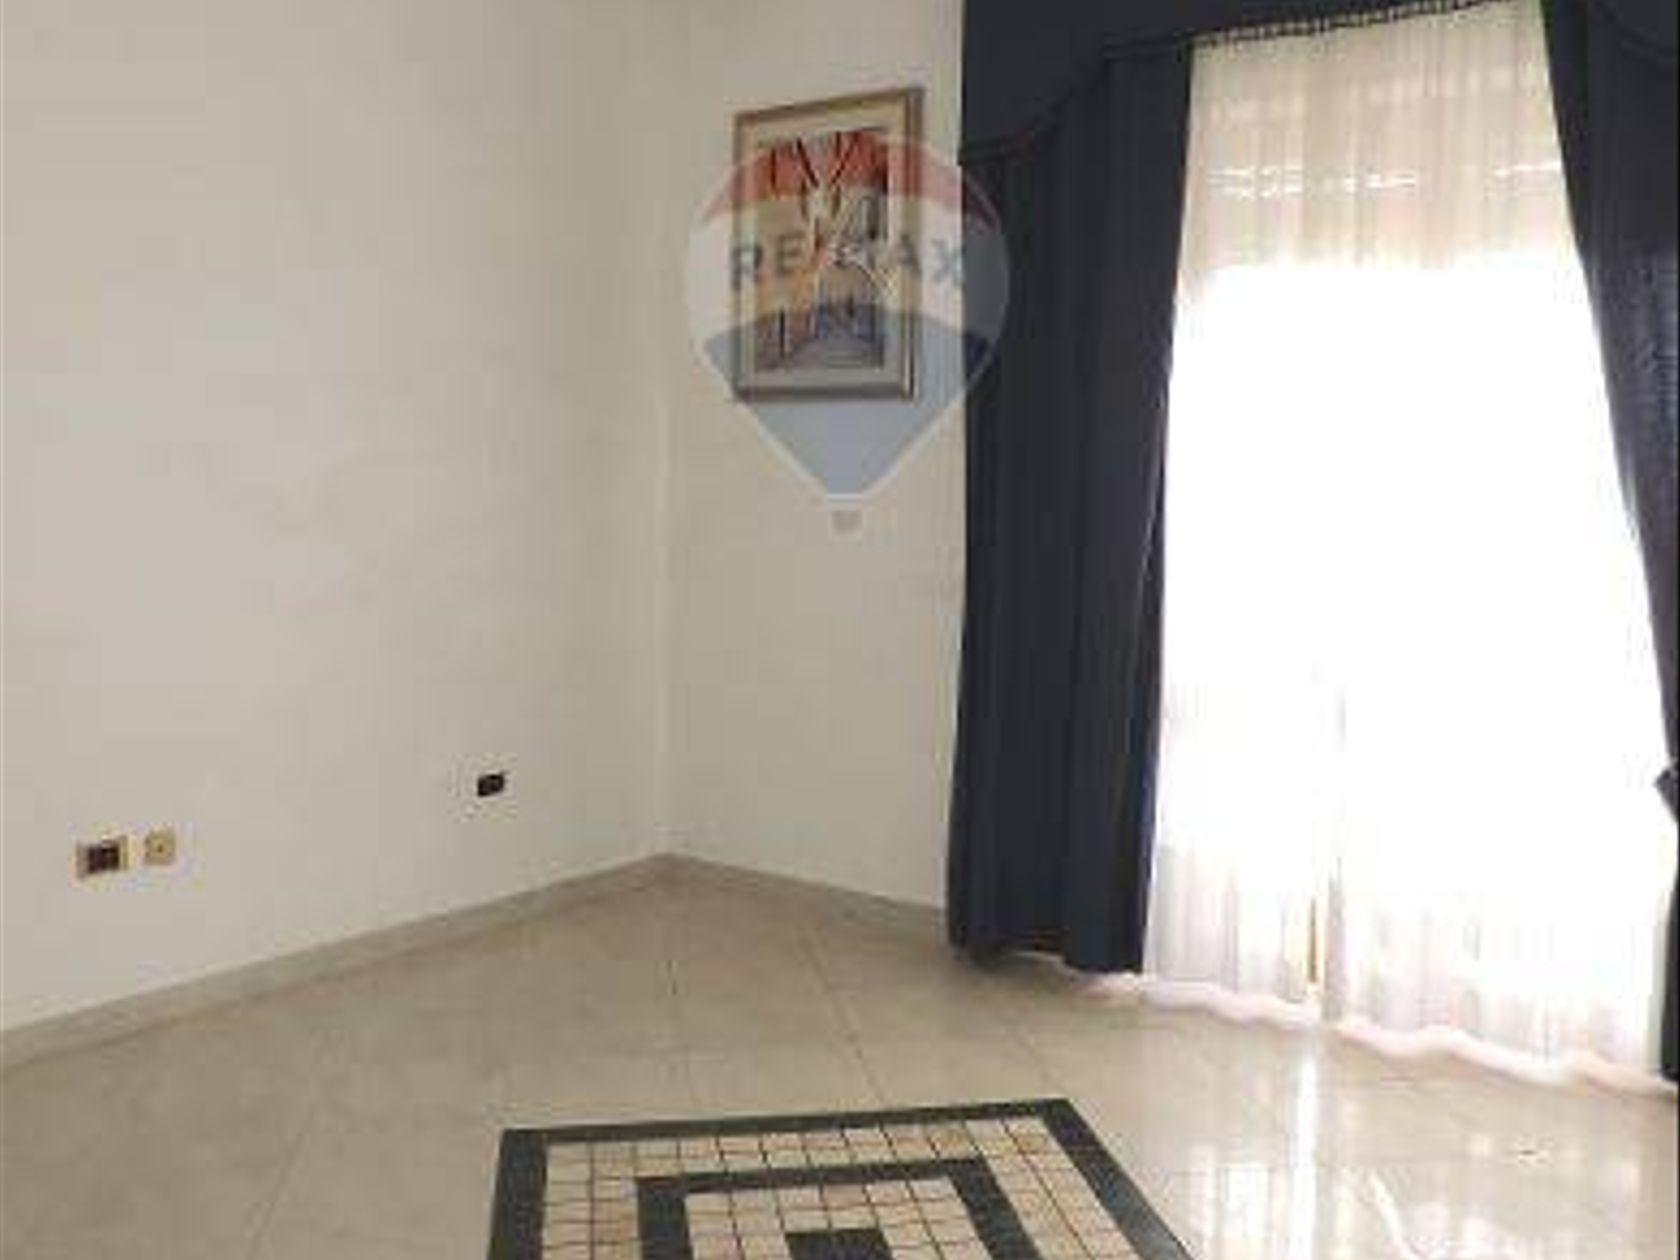 Appartamento Genneruxi, Cagliari, CA Vendita - Foto 5